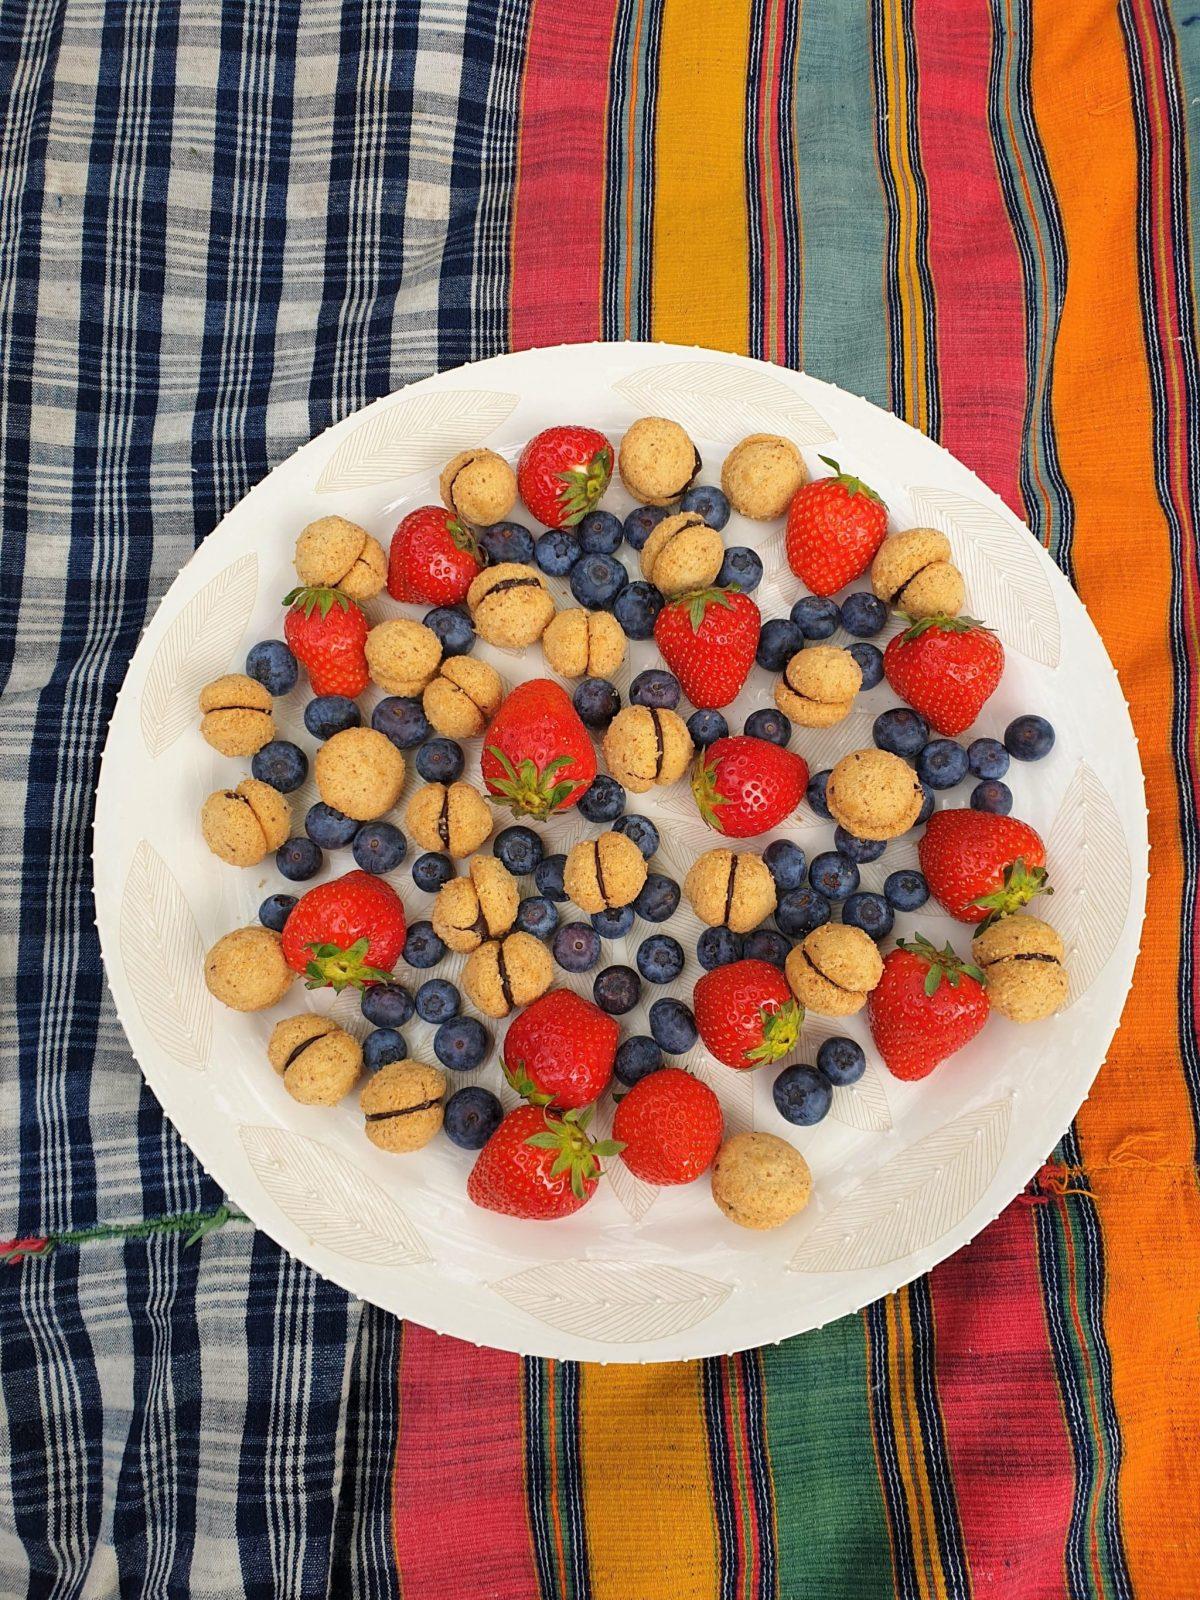 Cosaporto picnic dessert